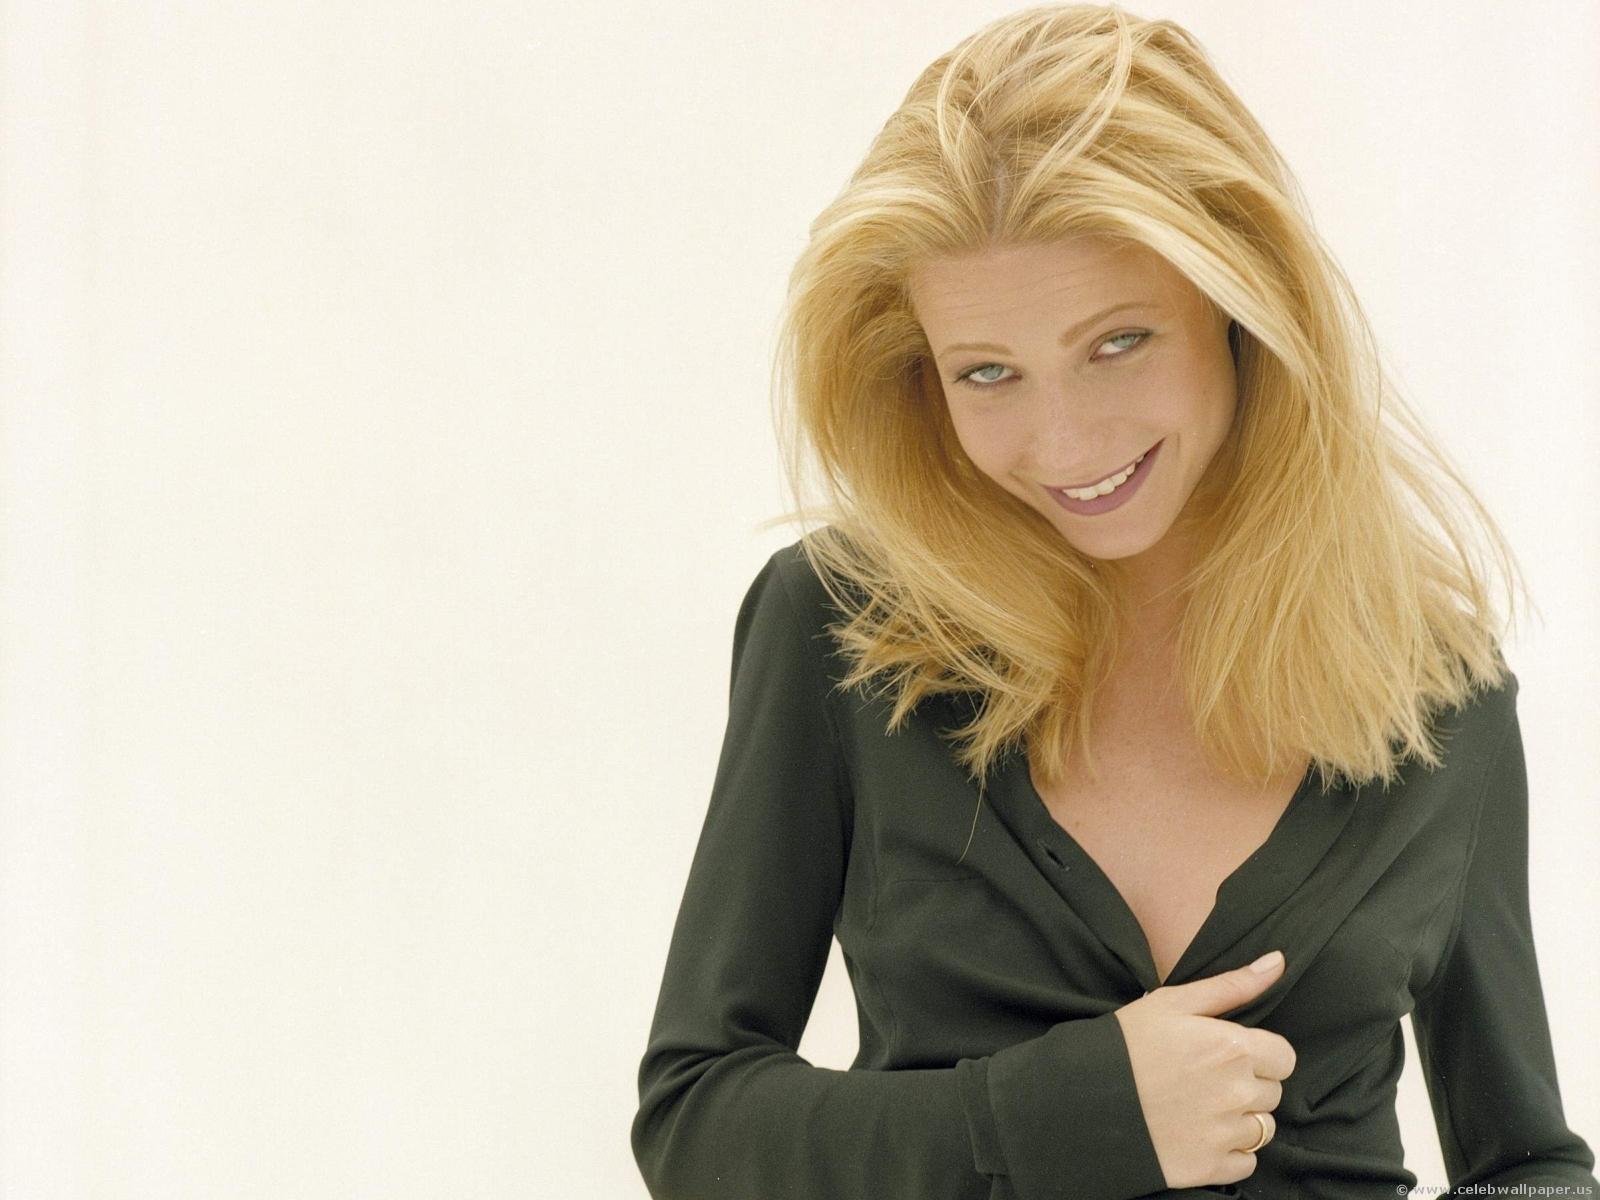 http://4.bp.blogspot.com/-d4VwrH0huH4/UAvCB0ayAVI/AAAAAAAAAmo/iPYwOVcsj88/s1600/gwyneth_paltrow_17.jpg